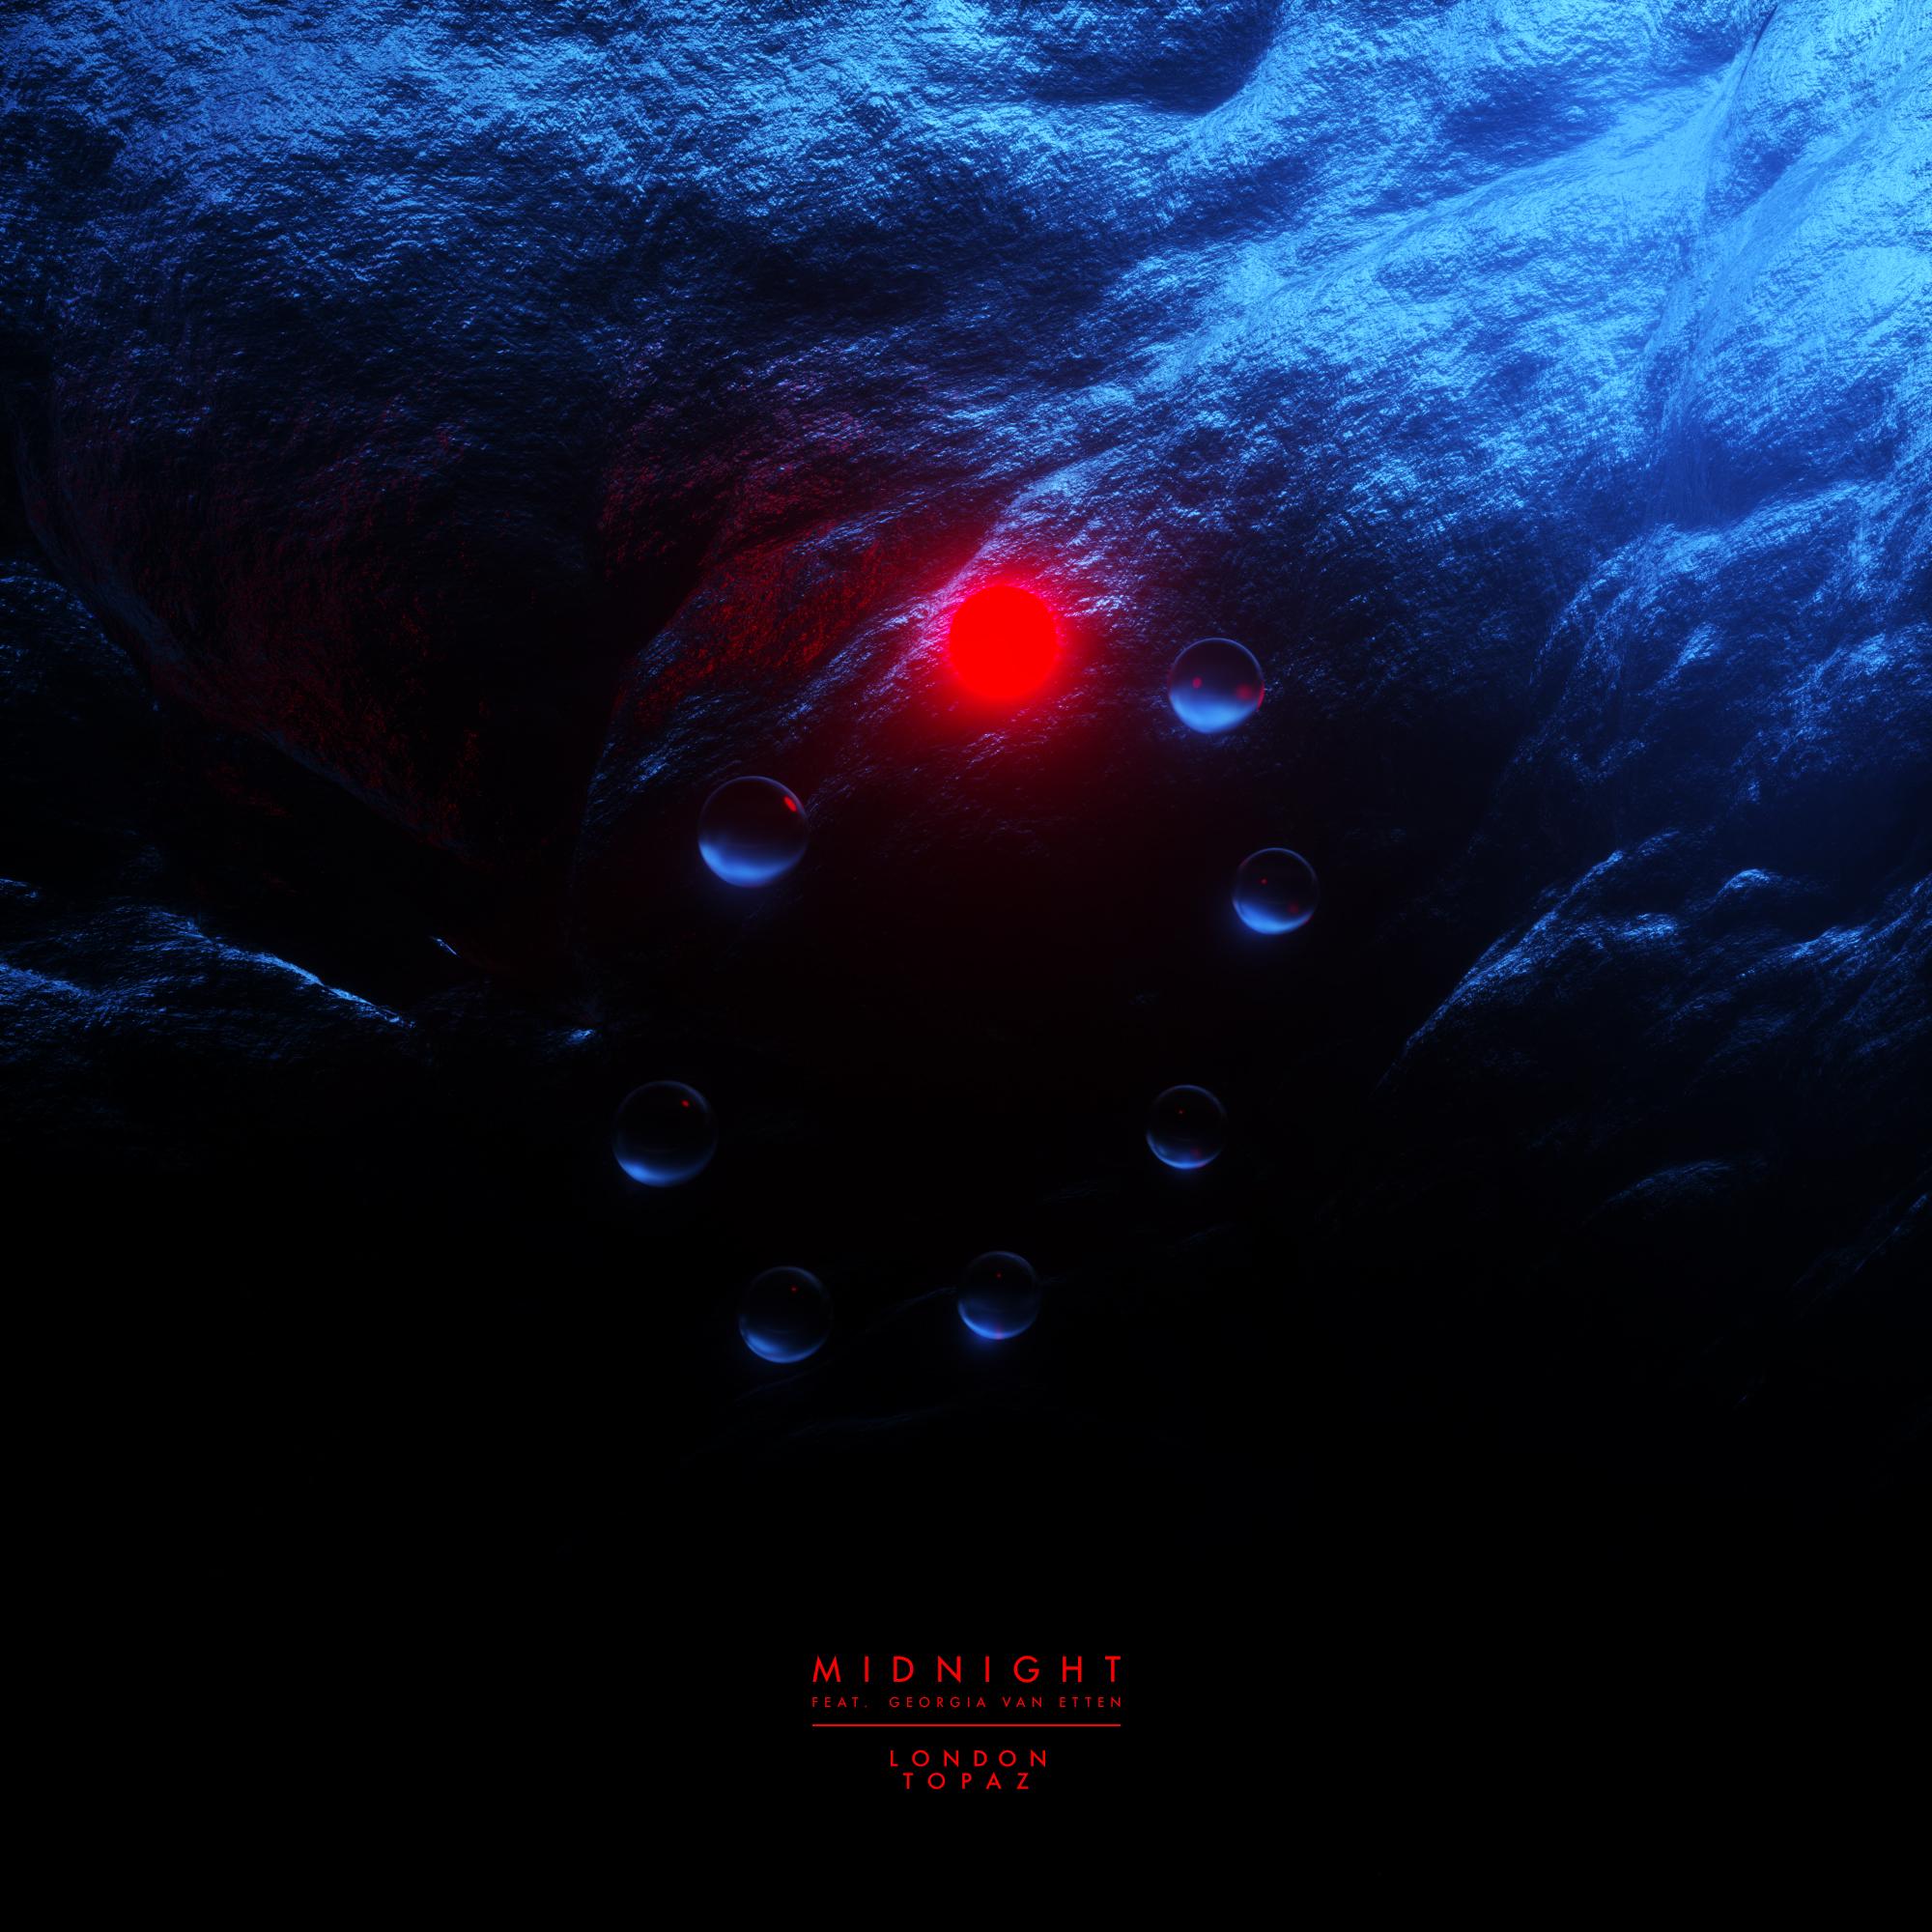 London Topaz - Midnight ft. Georgia van Etten